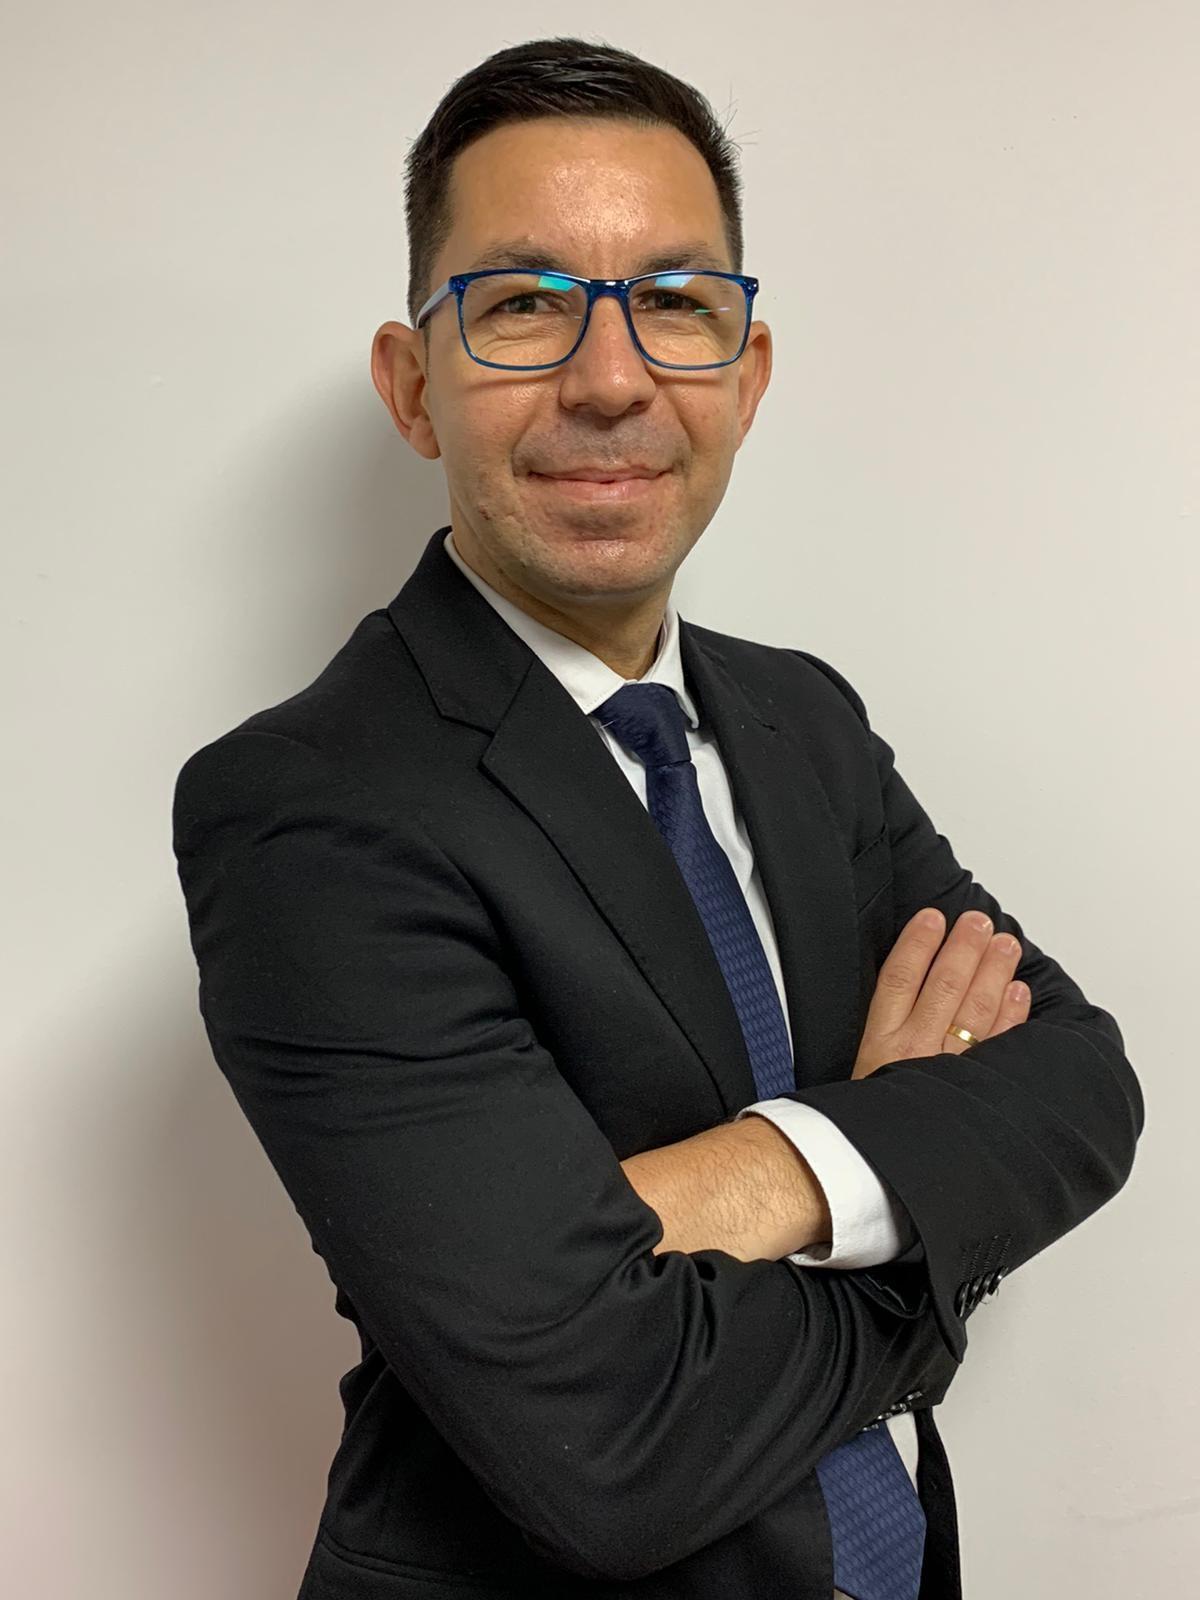 José Manuel Morales García